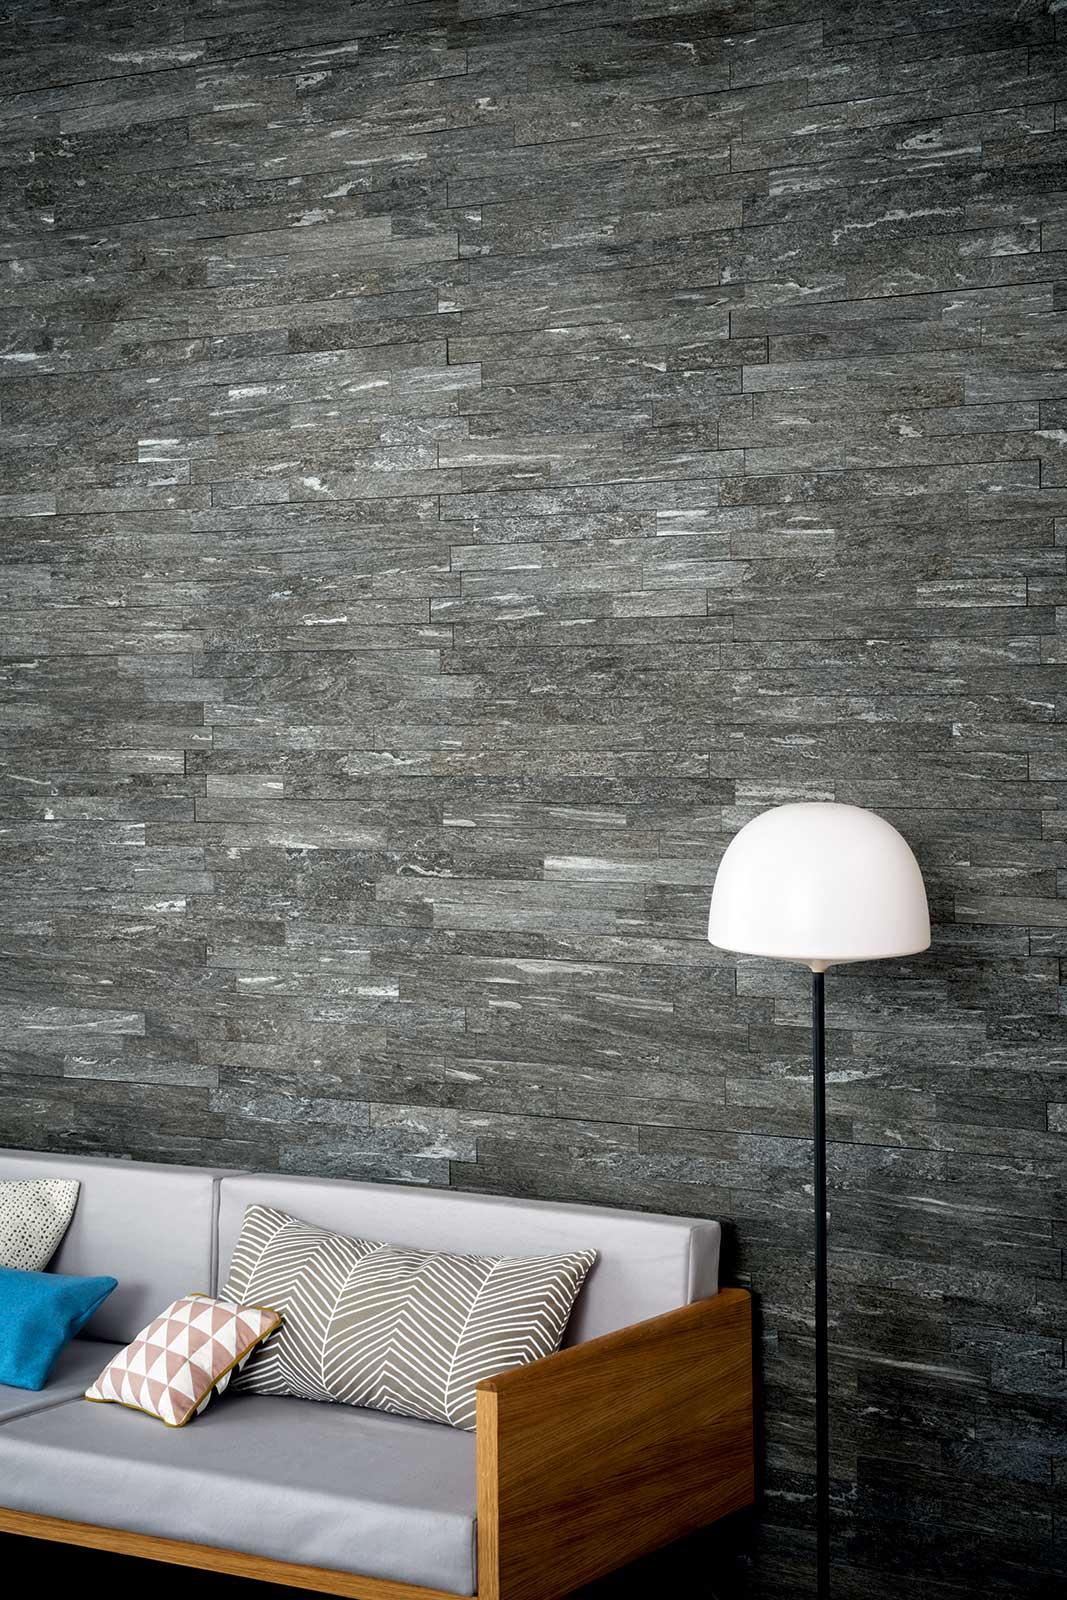 Mystone pietra di vals gres effetto pietra marazzi for Piastrelle pietra